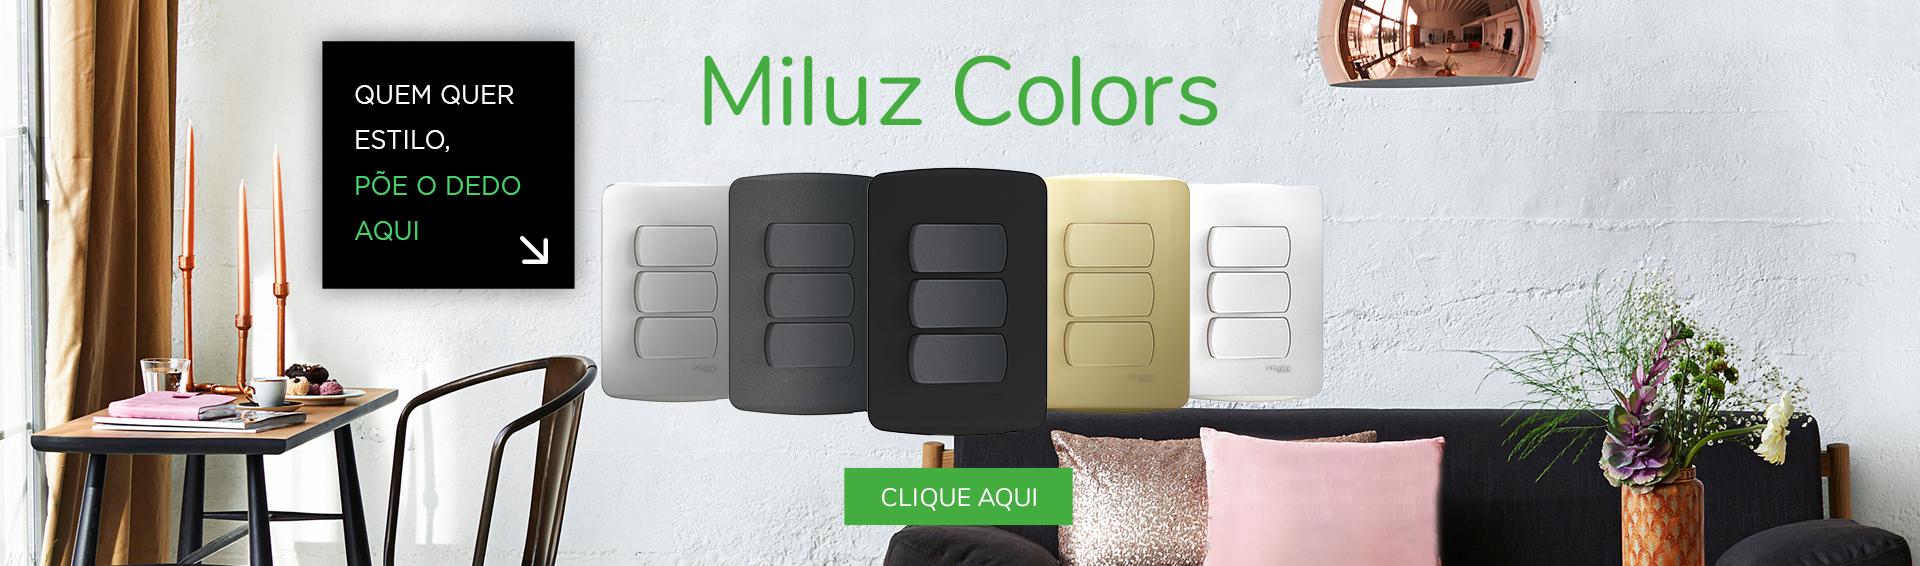 MILUZ COLORS